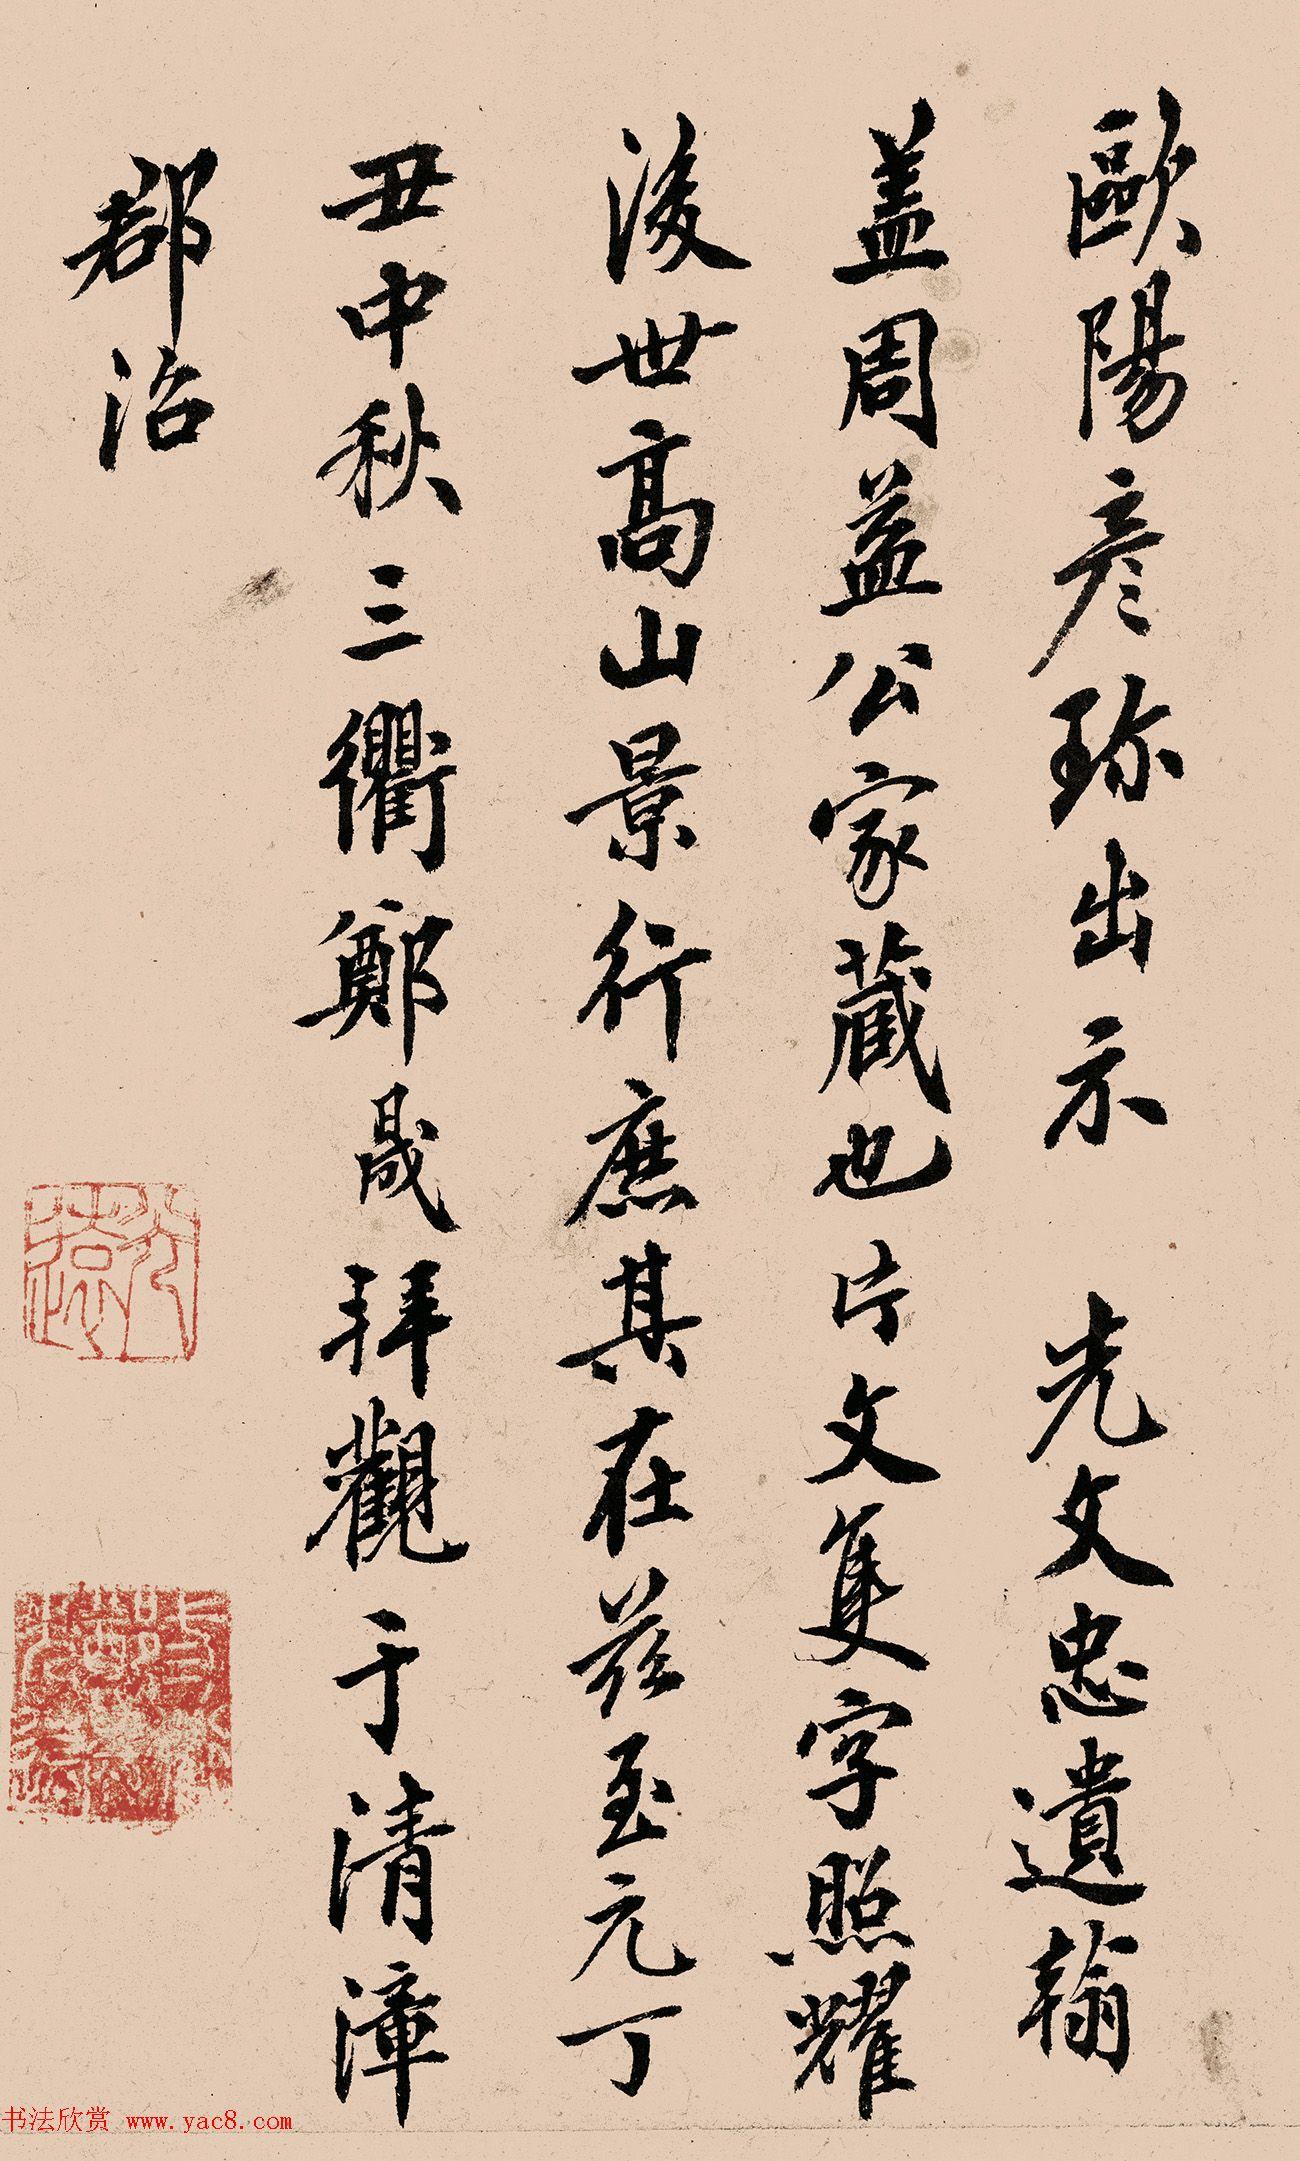 袁瑾等8人书法题跋欧阳修诗文稿卷